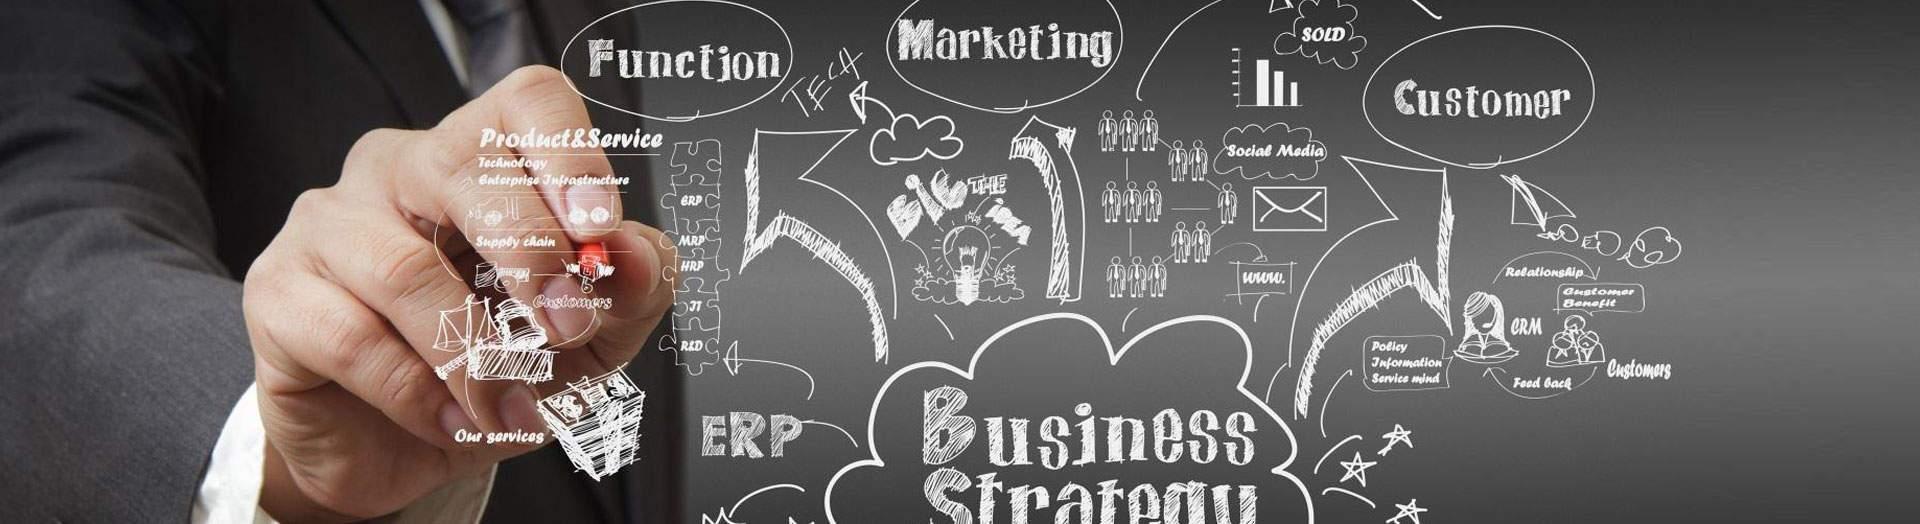 Small Business Website Development